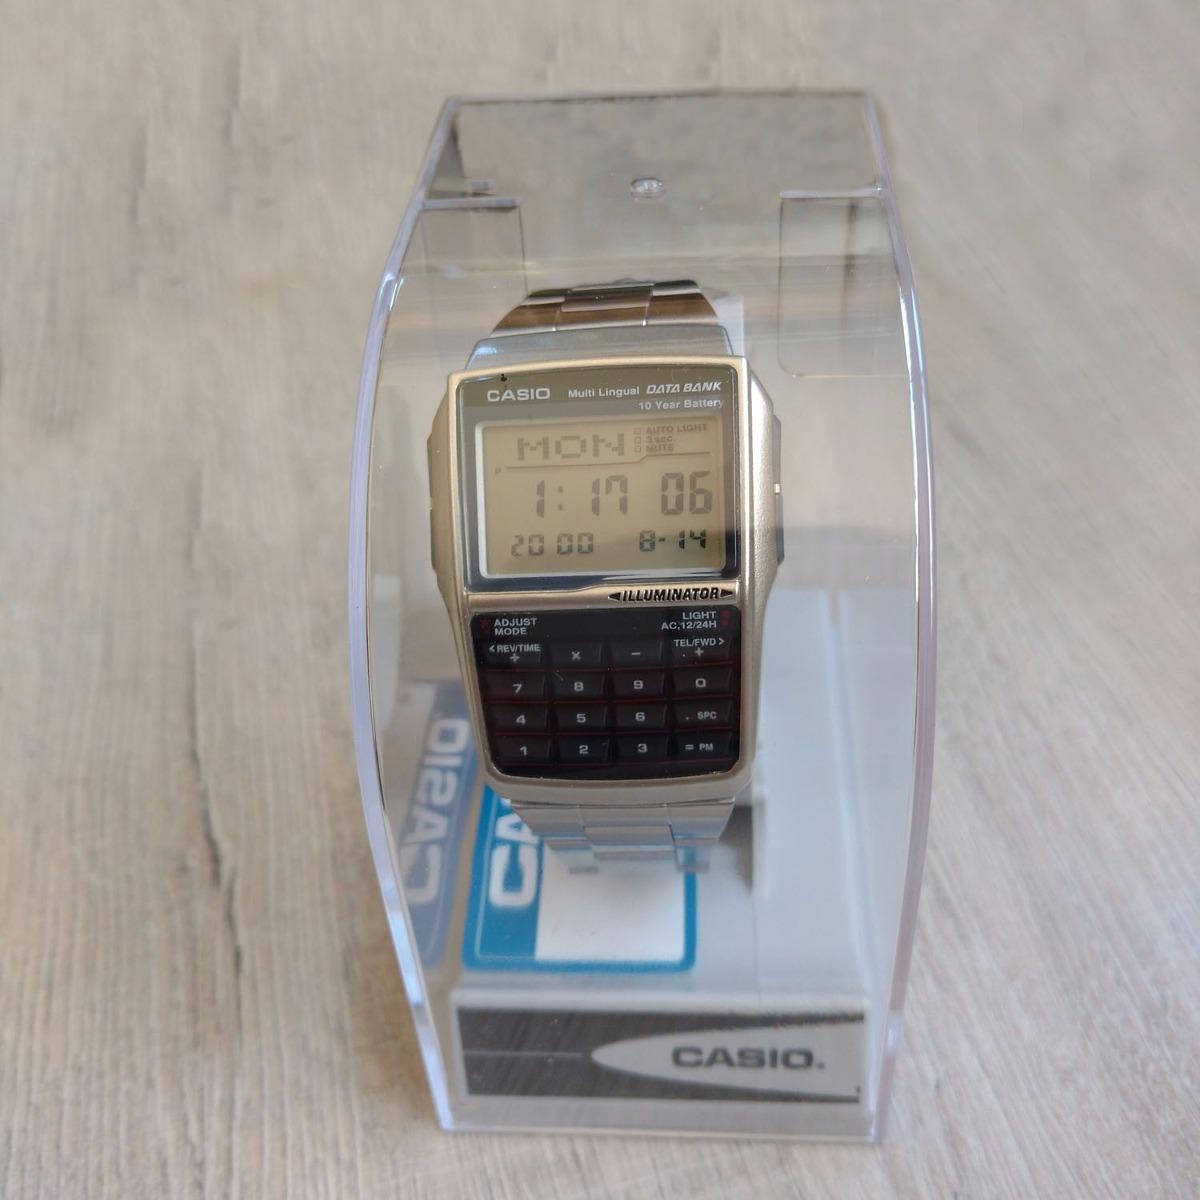 16f72917c9c Relógio Casio Dbc32 Databank Calculadora - Caixa Original - R  199 .